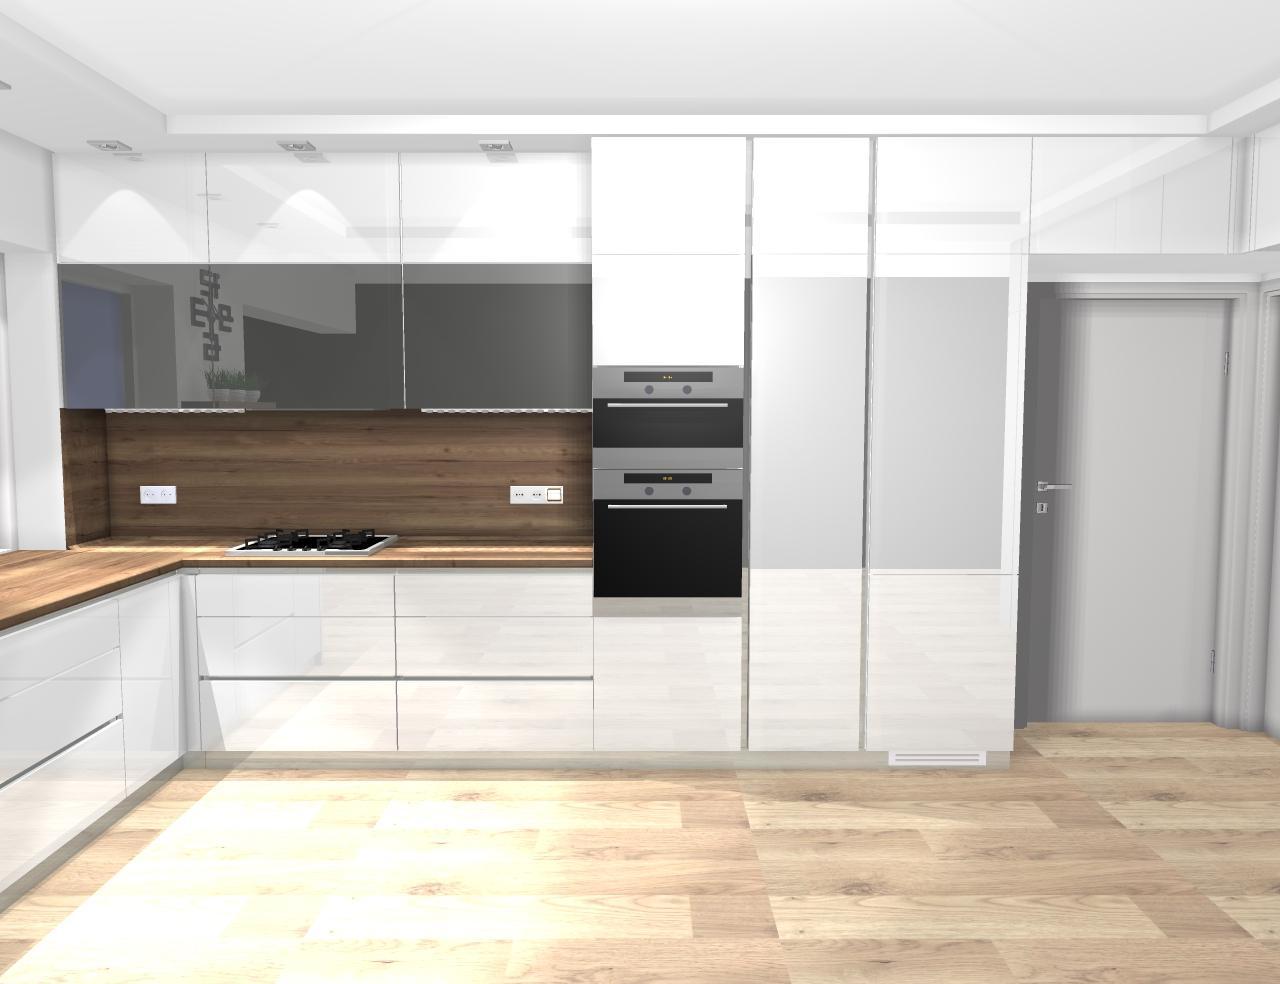 Grafické návrhy kuchynských liniek 2020 - návrh kuchynskej linky do rodinného domu -verzia 1 - obr.4